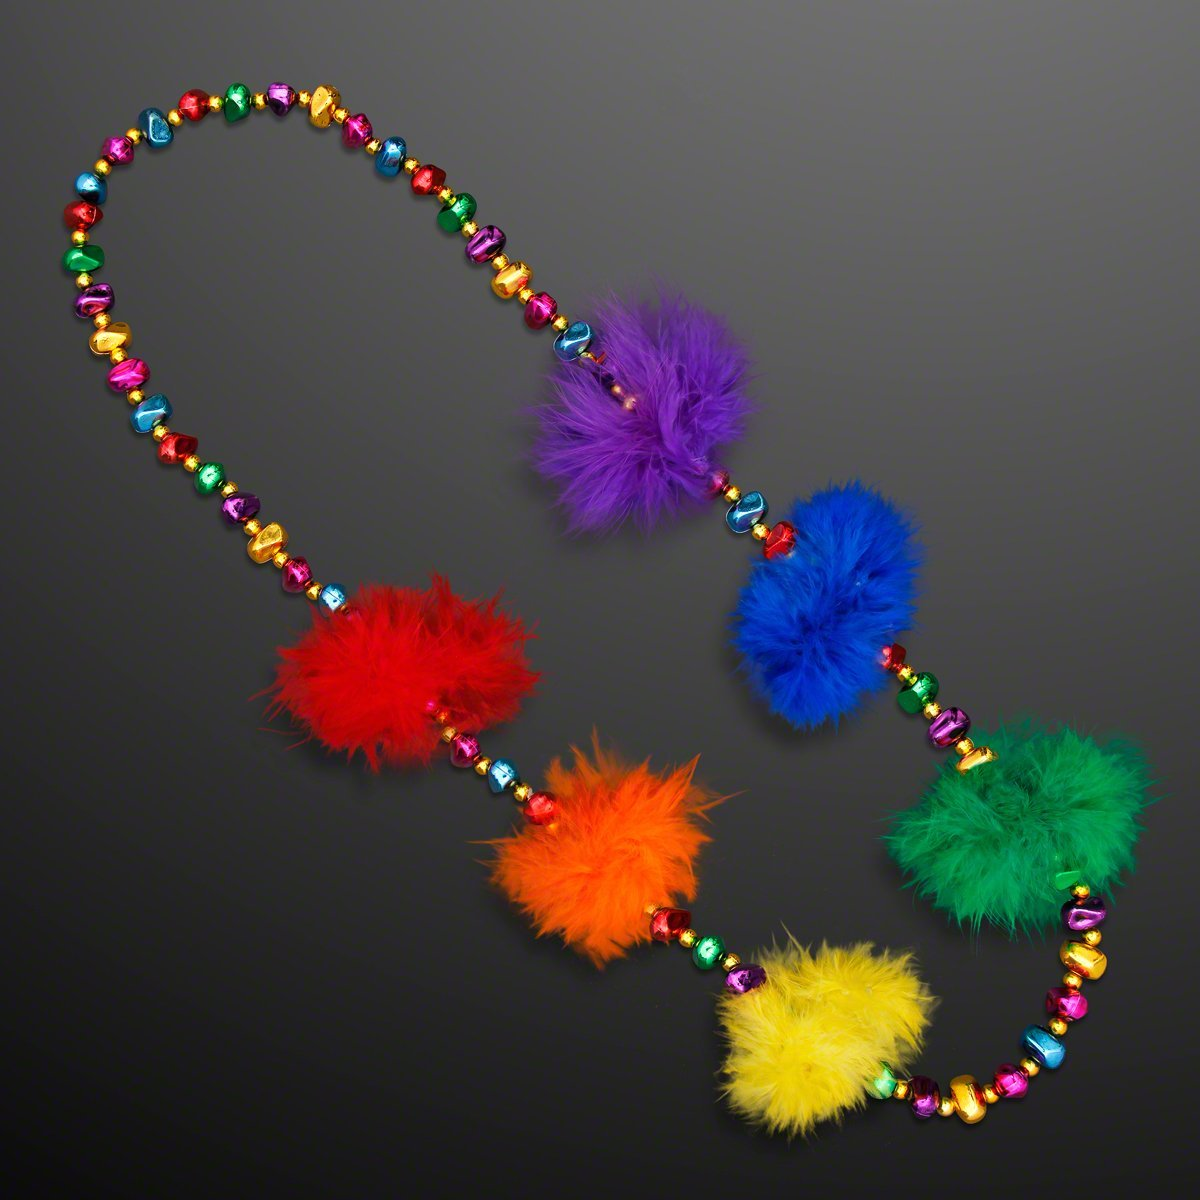 FlashingBlinkyLights Rainbow Feather Mardi Gras Throw Beads (Set of 12)